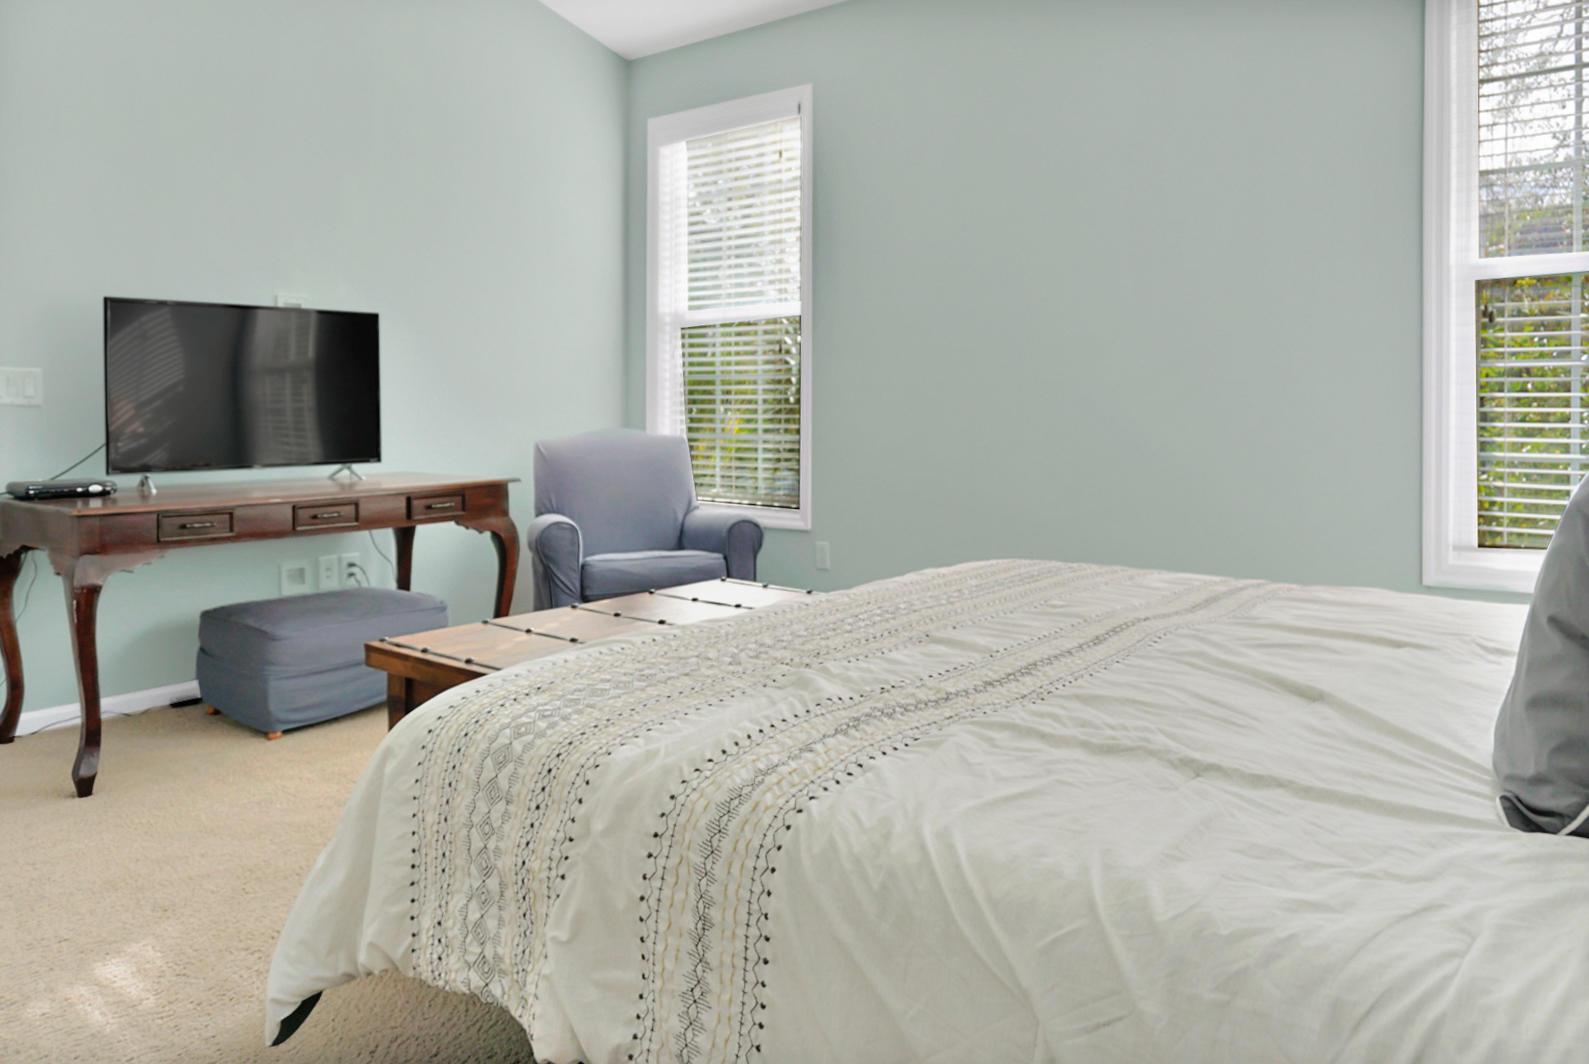 Park West Homes For Sale - 1504 Huxley, Mount Pleasant, SC - 19